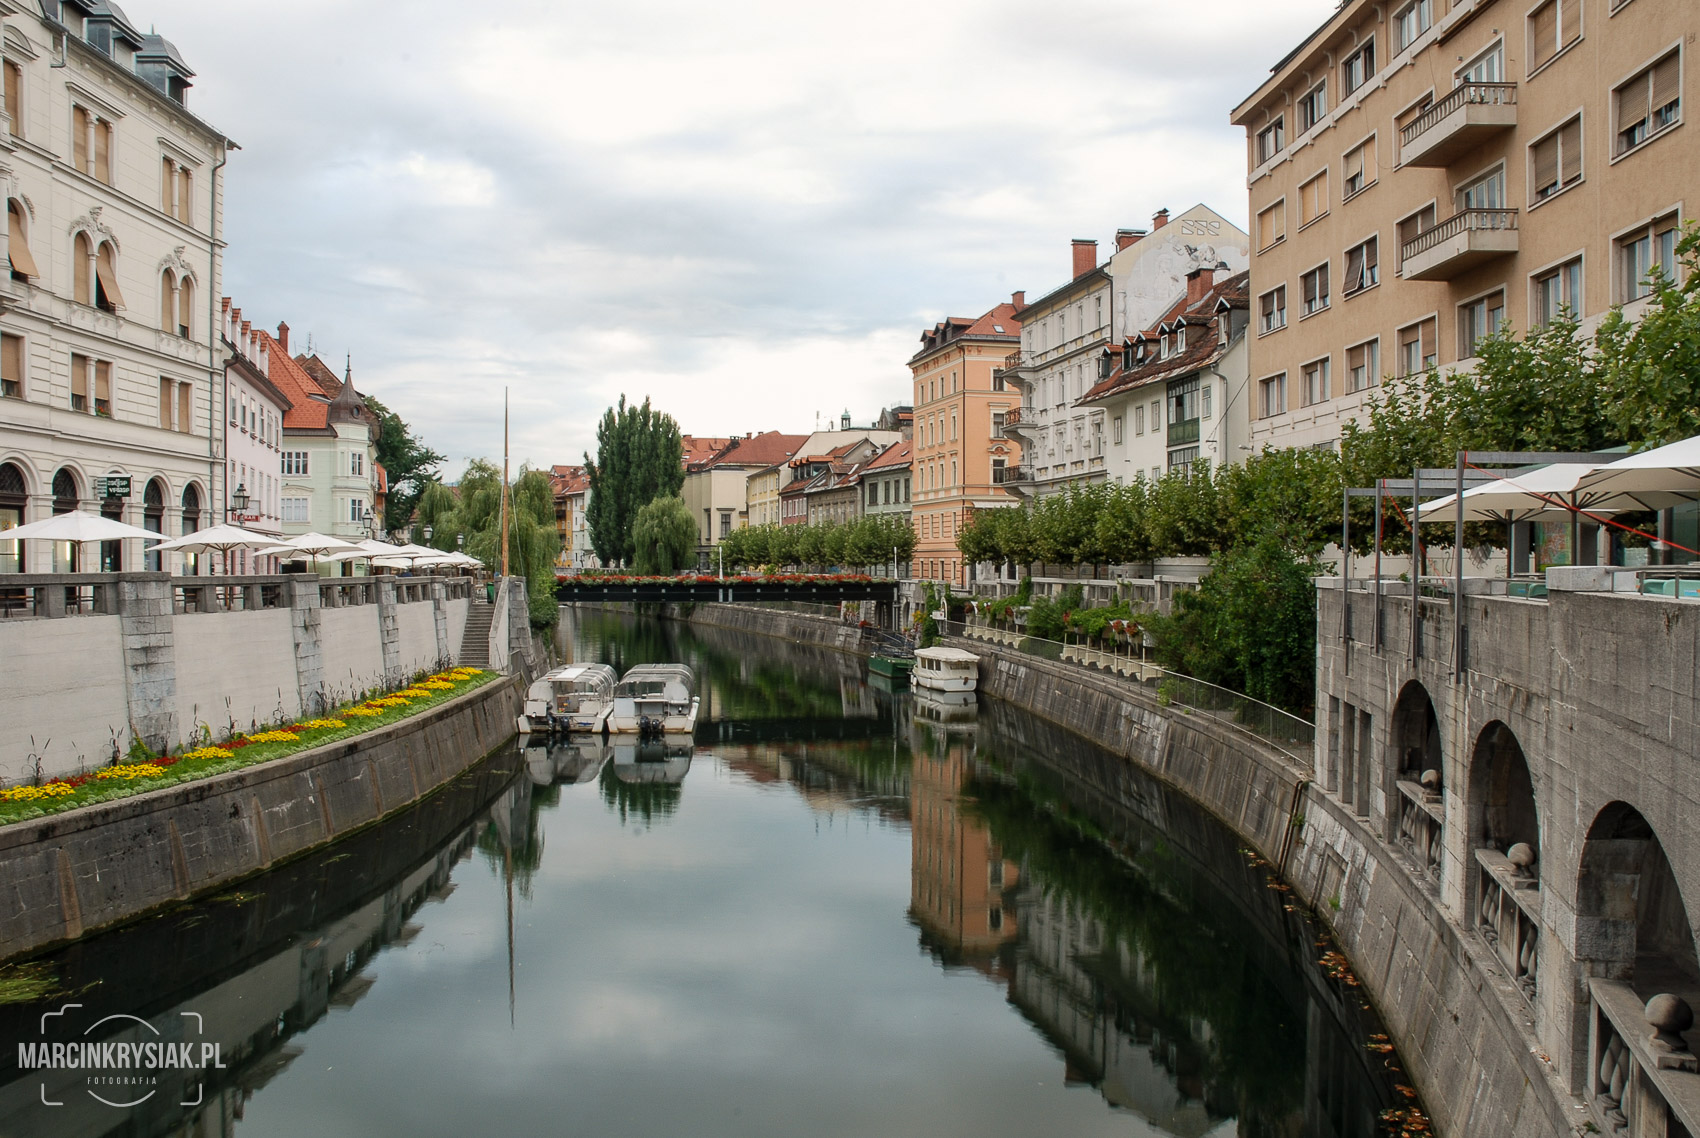 miasto, starówka, woda, rzeka, stolica, Lublana, Lubljana, Słowenia, odbicie